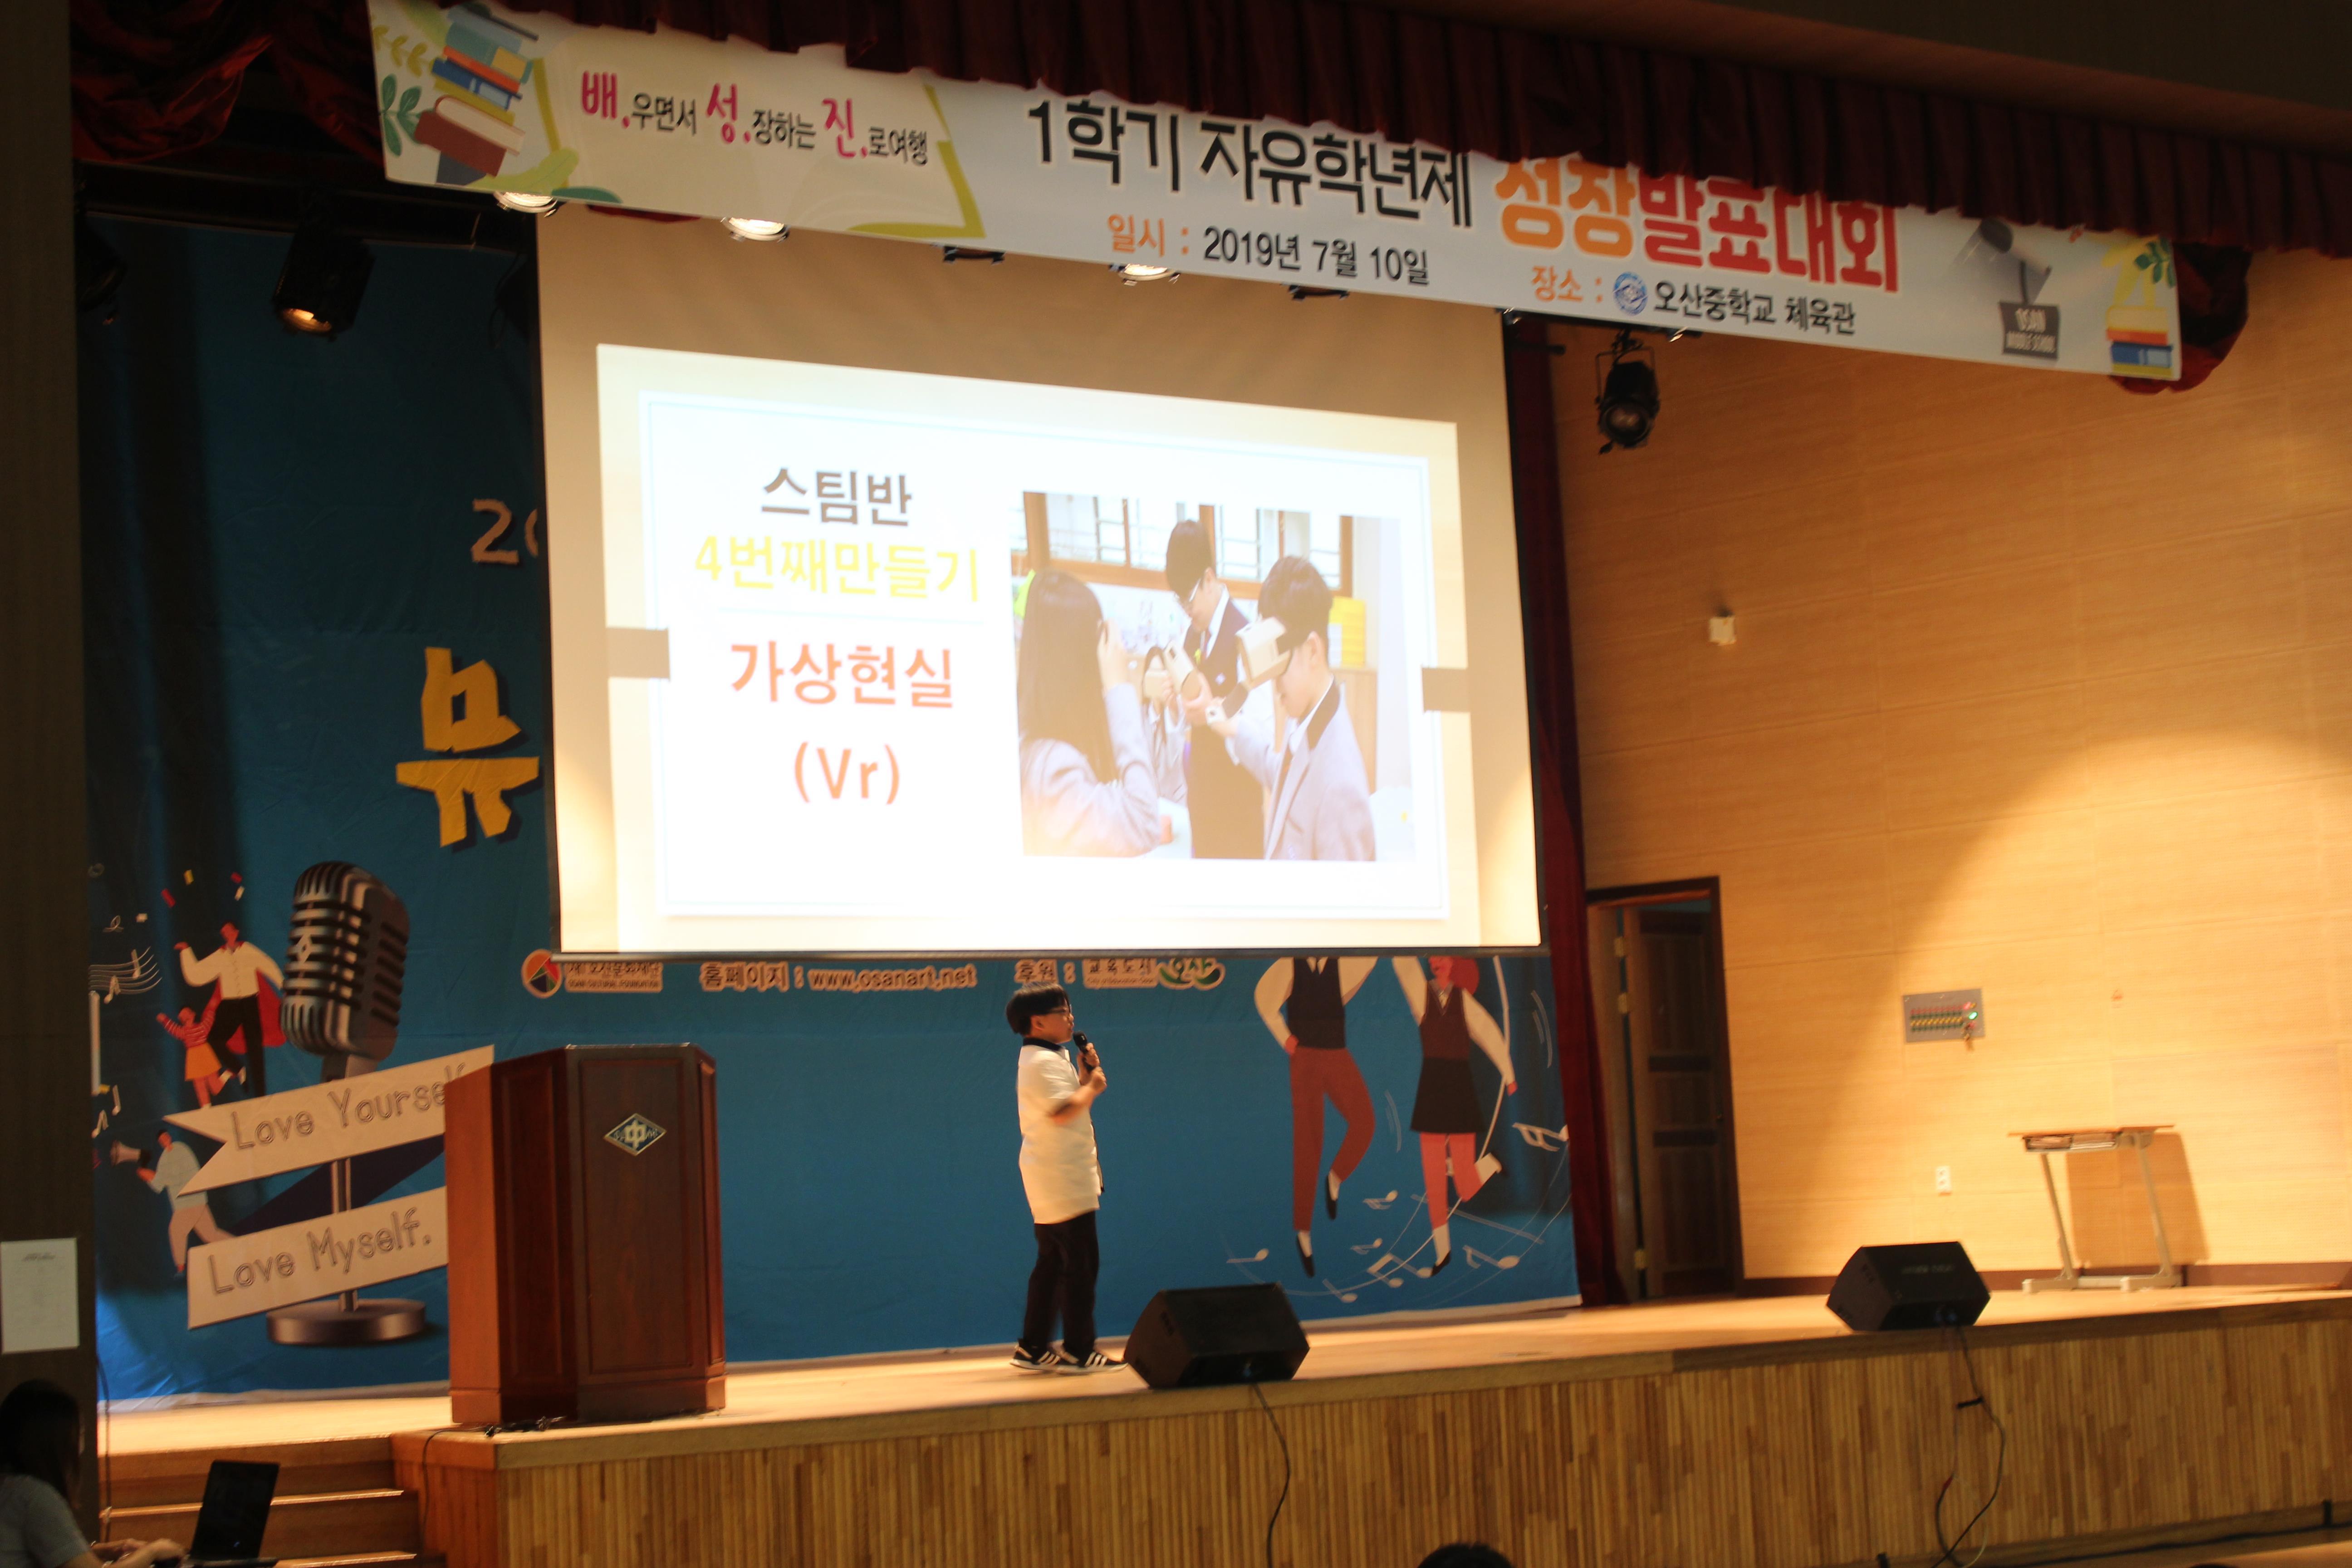 [일반] 1학년 1학기 자유학년제 성장발표대회의 첨부이미지 1